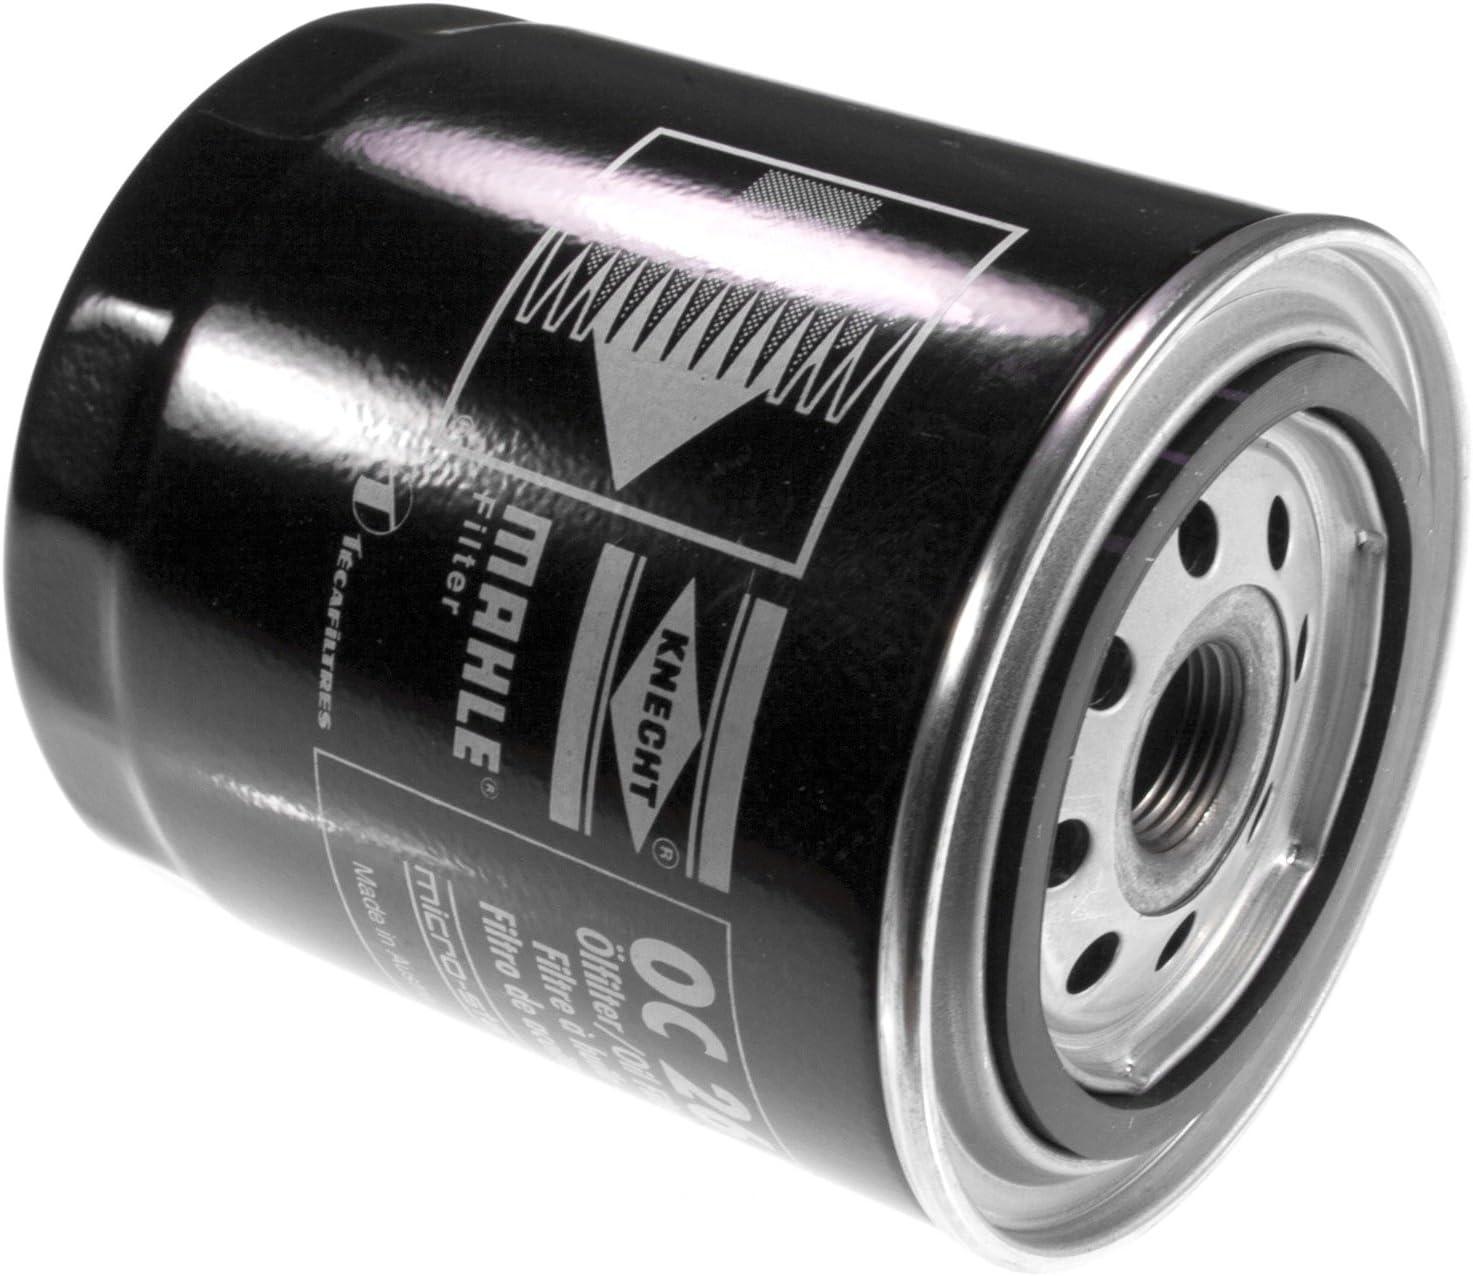 Mahle OC 261 Oil Filter